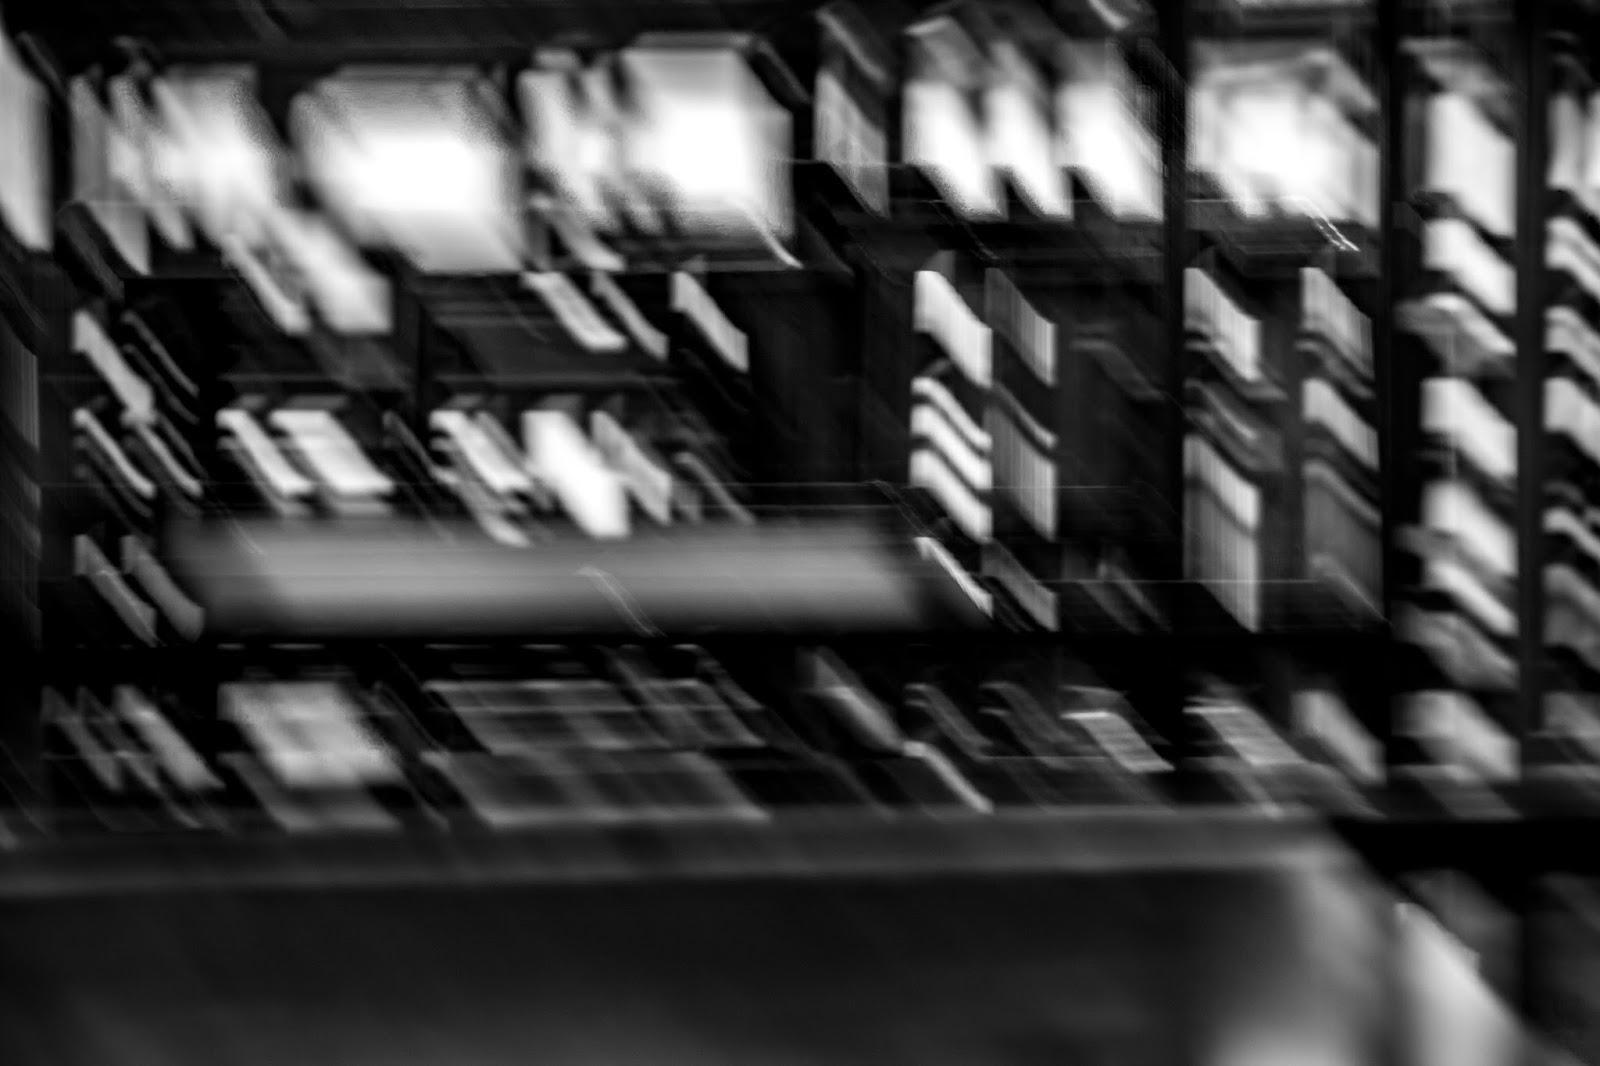 Alejo Sánchez Fotografía - Fotografía comercial y de autor - Cursos Talleres - Viajes - Workshops - Fine art - Estudio - Muestras Fotográficas - Curadurías - Dirección de arte